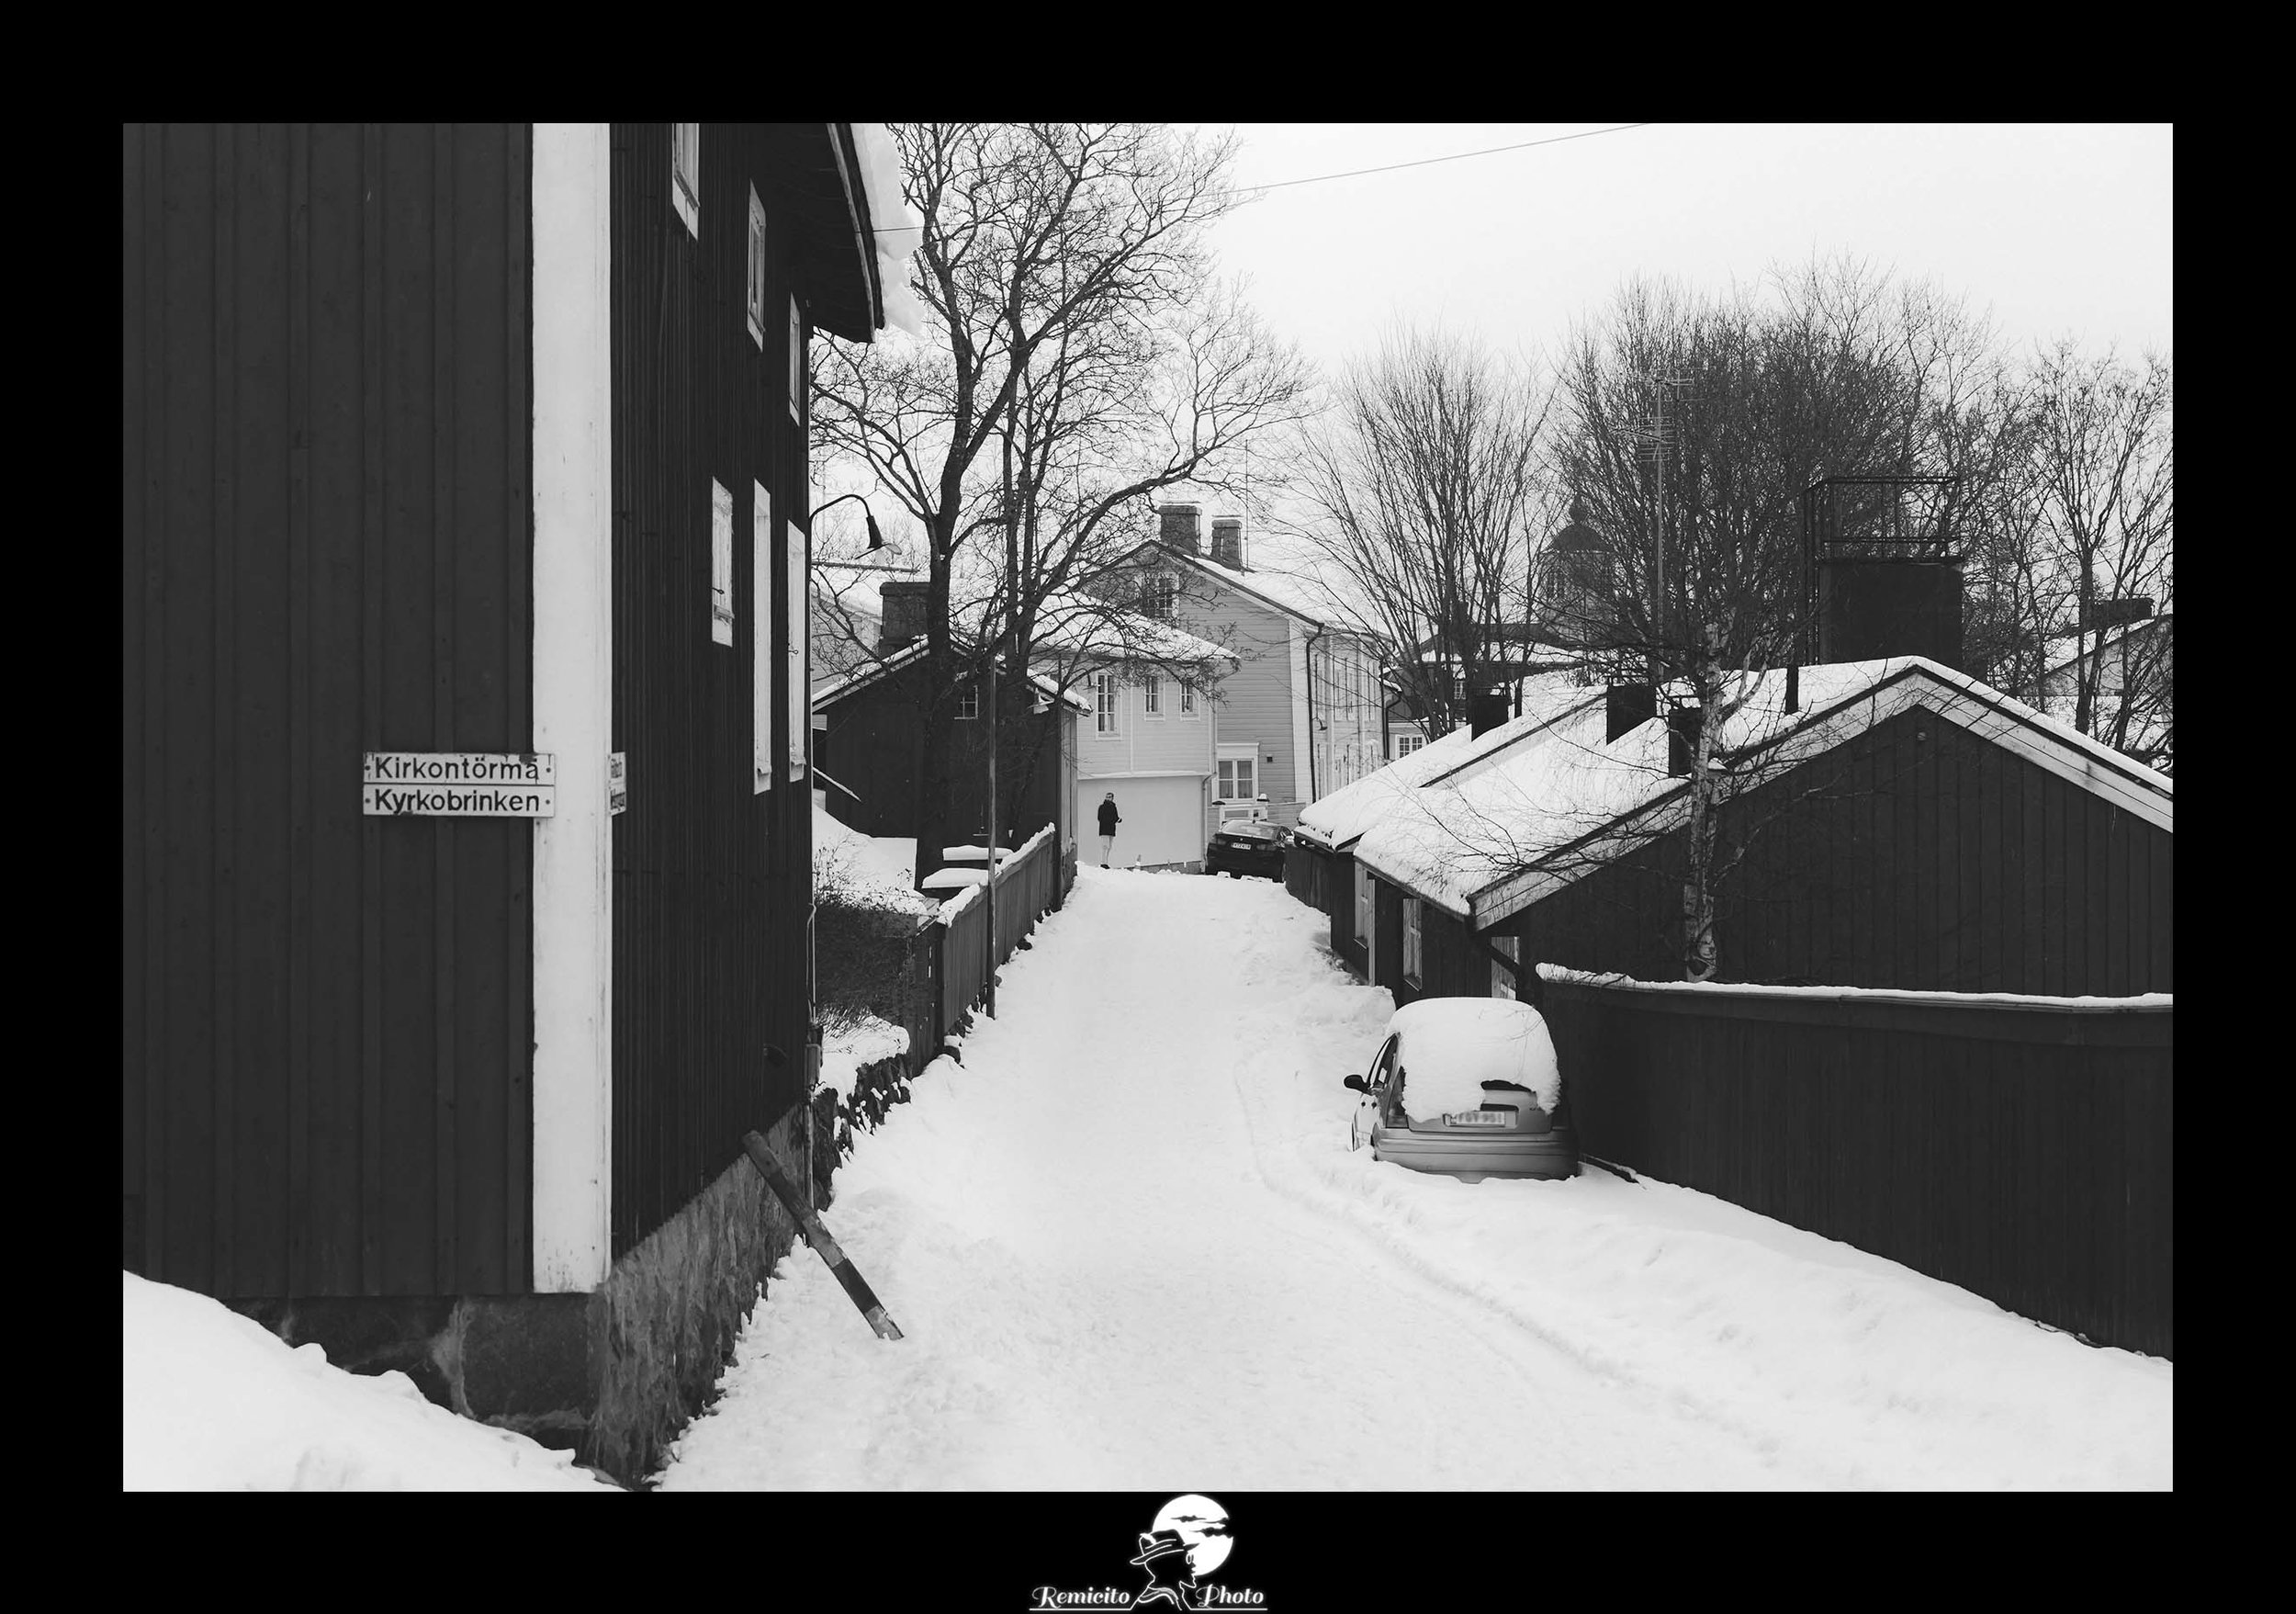 remicito photo, remicito, image du jour, photo noir et blanc du jour, photo porvoo finlande neige, voiture sous la neige, voiture piégée sous neige, belle photo noir et blanc neige, ville enneigée finlande, idée cadeau photo neige